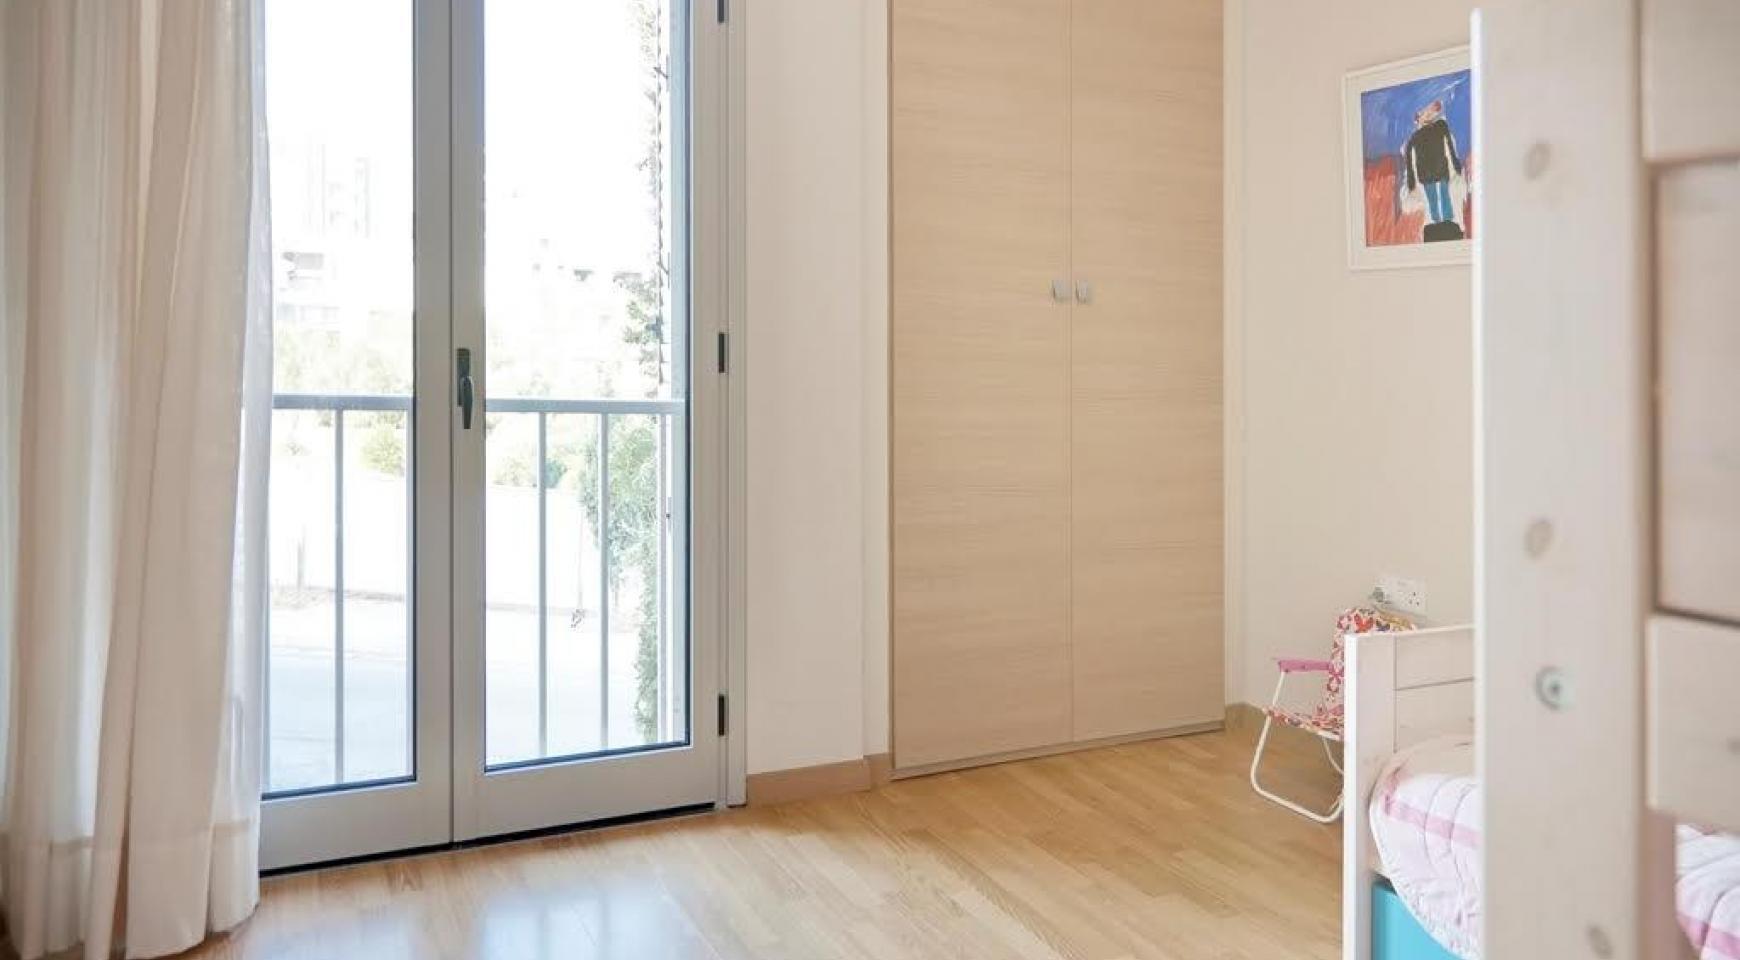 Luxury 2 Bedroom Apartment Amathusa F 104 near the Beach - 9